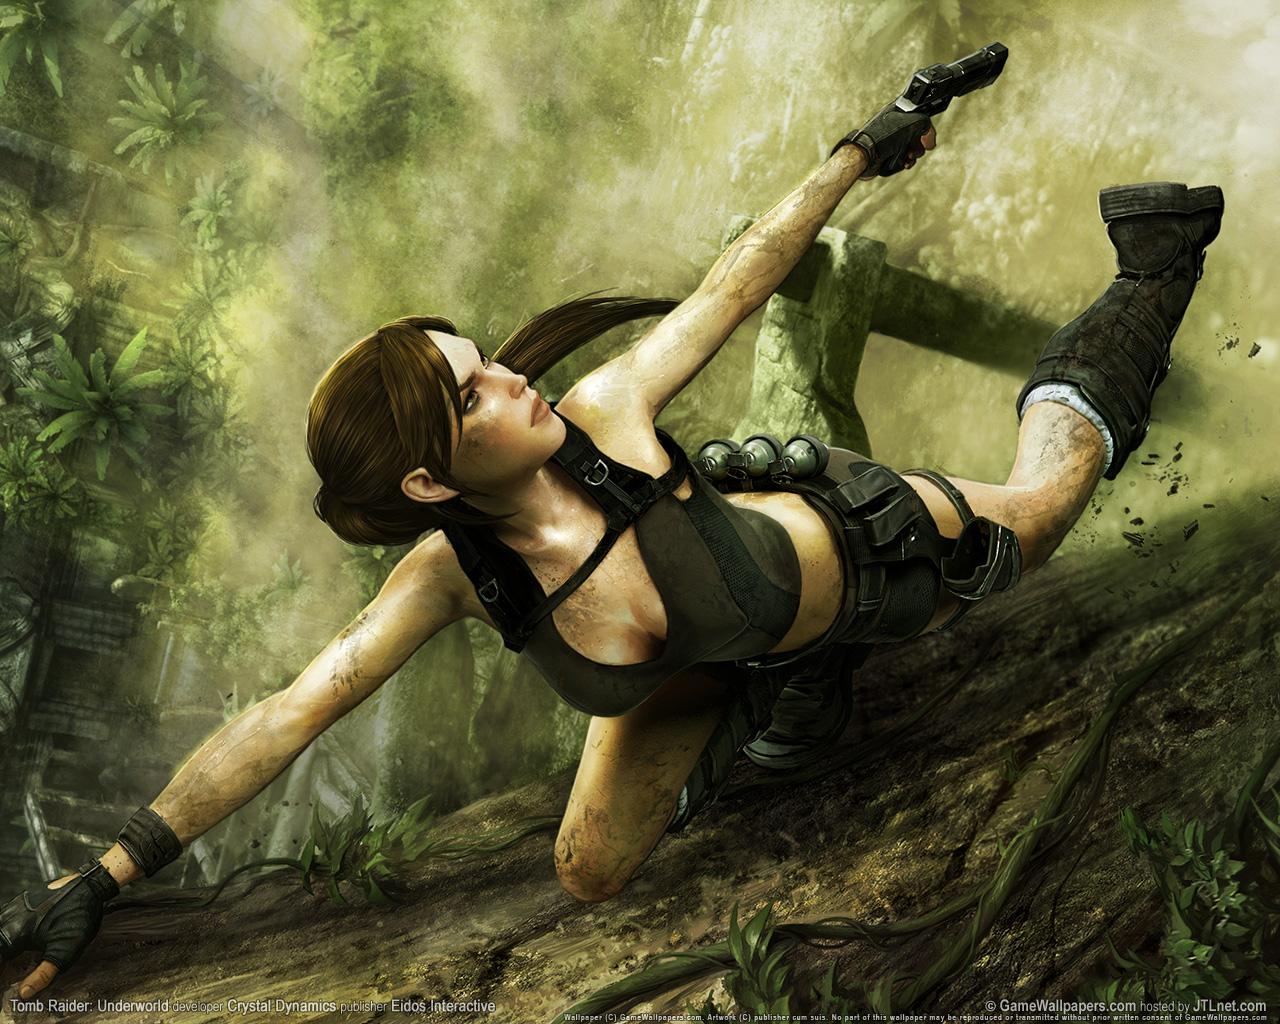 Tomb raider 2013 nude pak sex movie